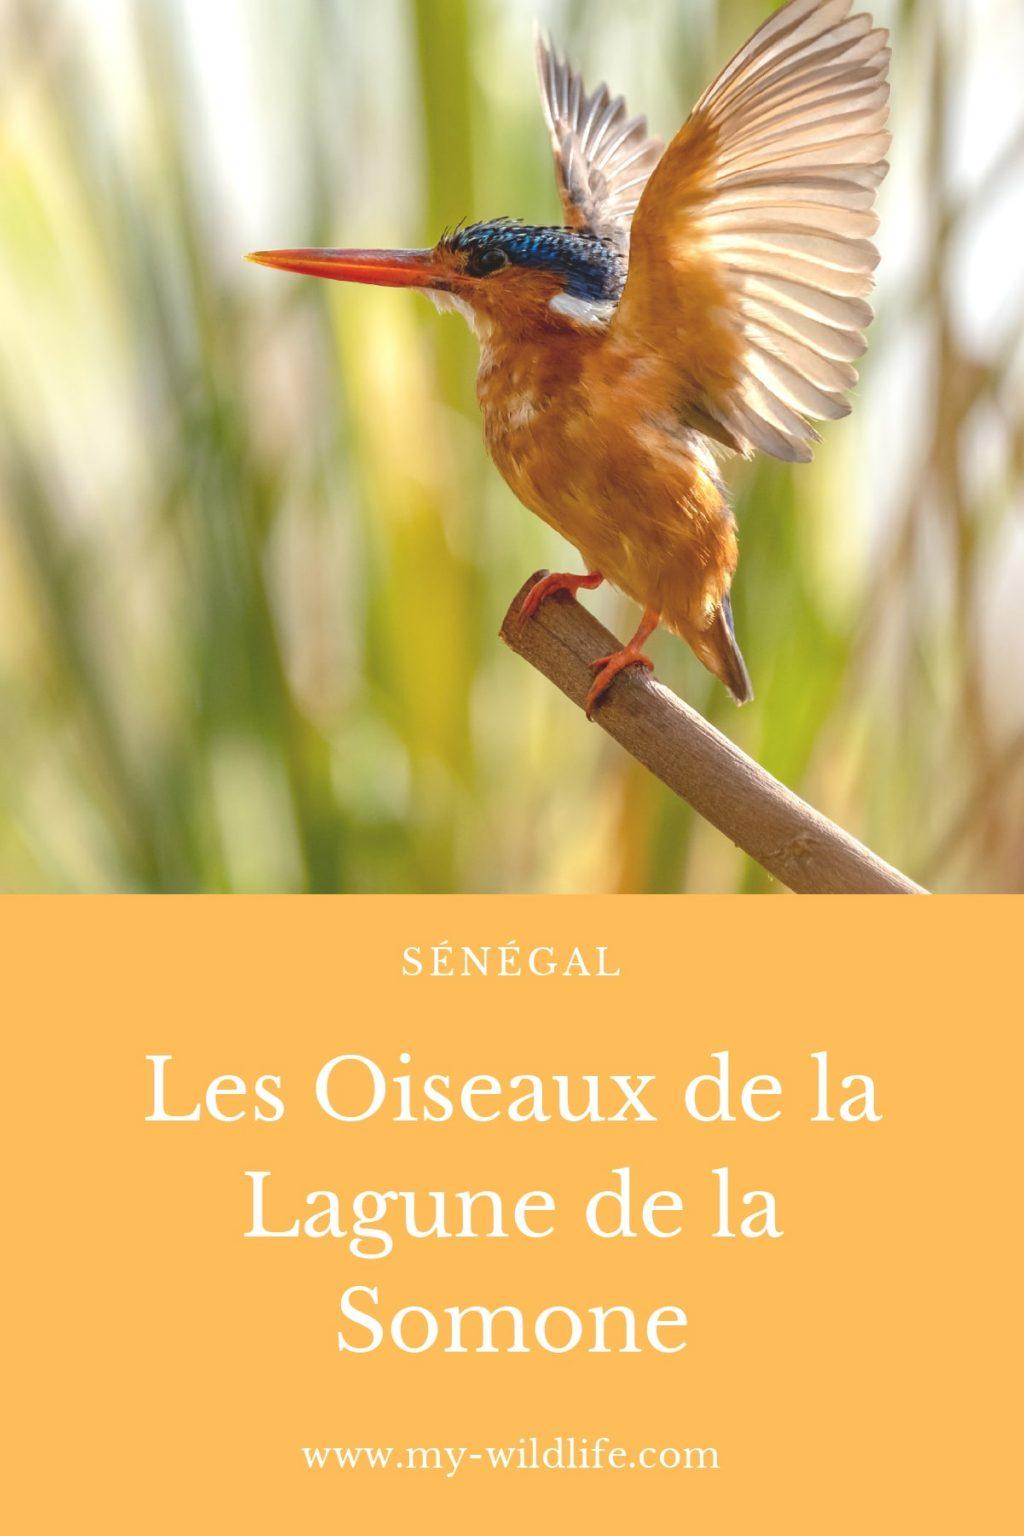 Les oiseaux de la lagune de la Somone